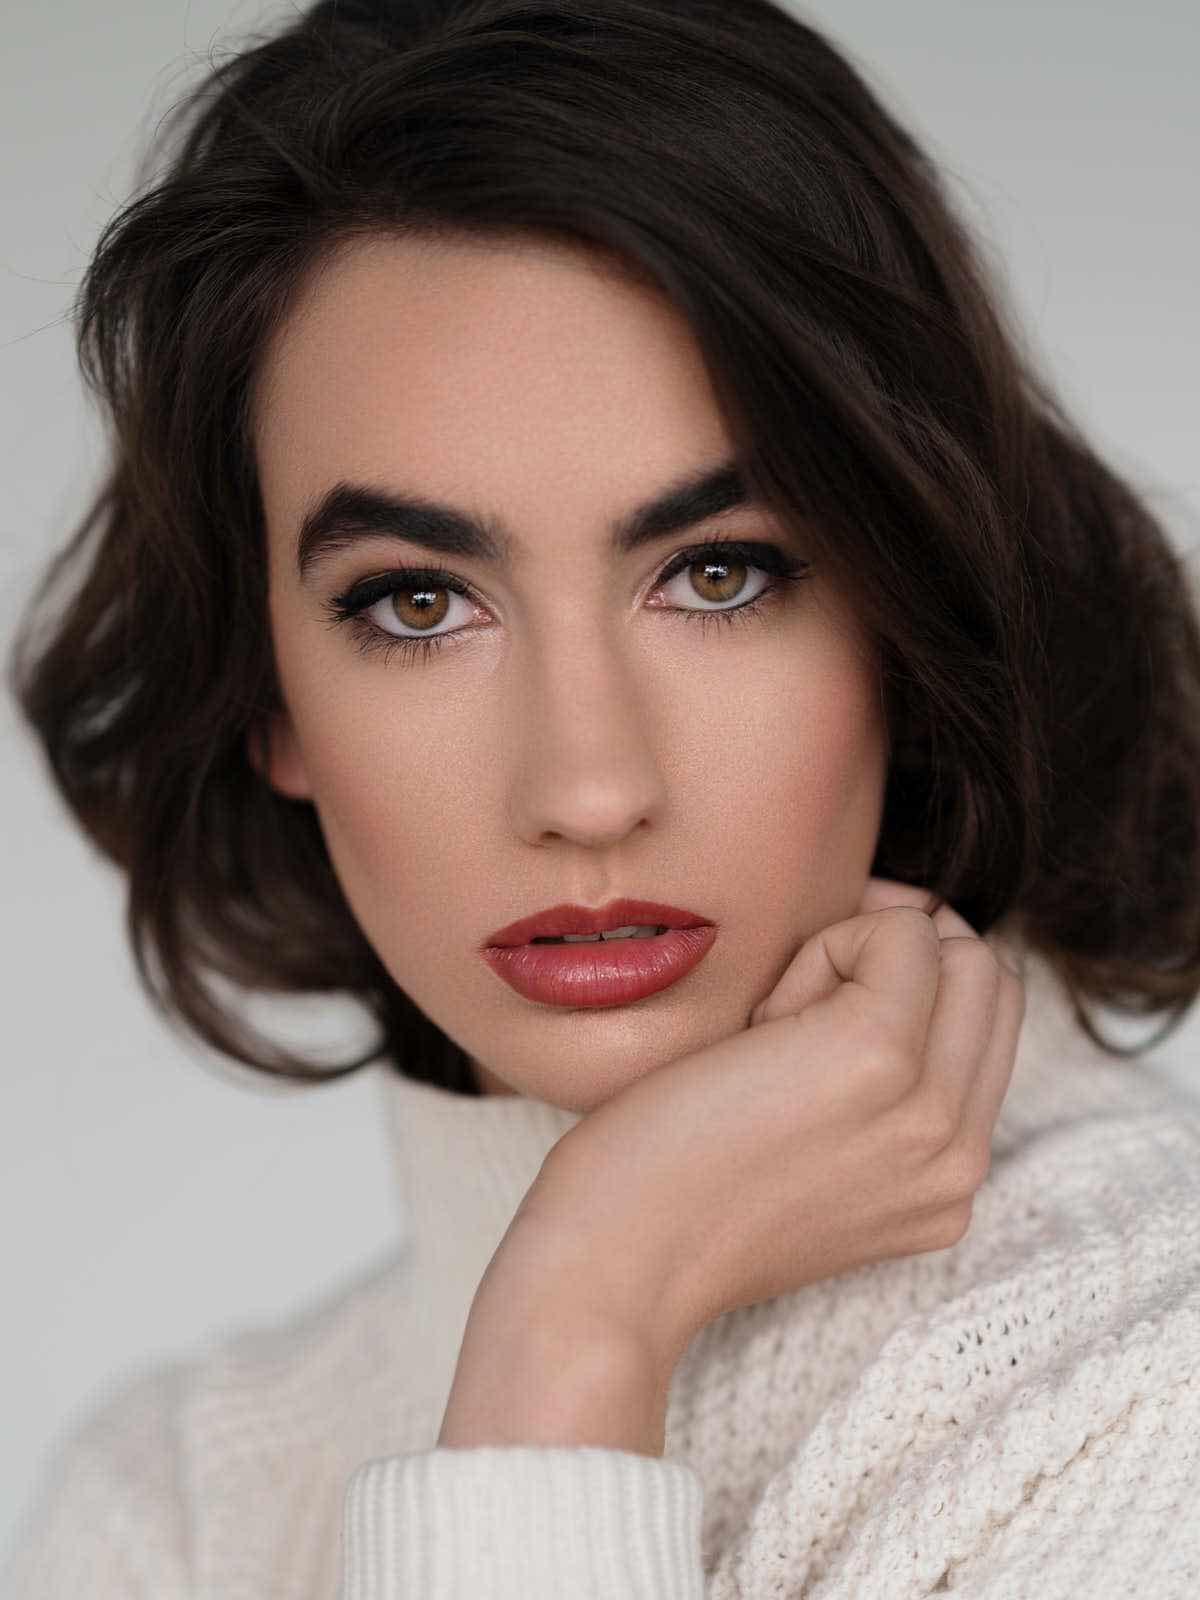 sce-agency-female-model-julia-s-1a